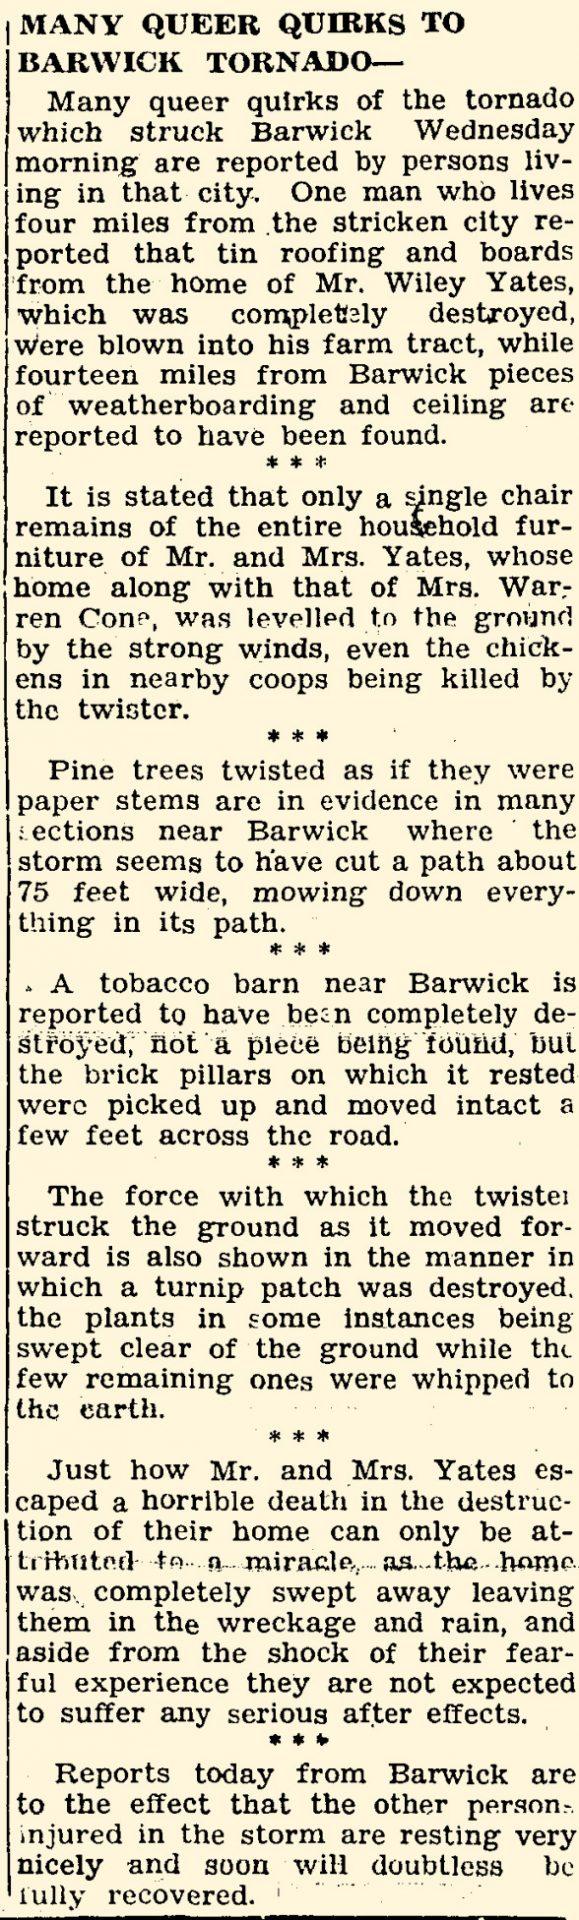 Barwick, GA F2 Tornado – January 25, 1933